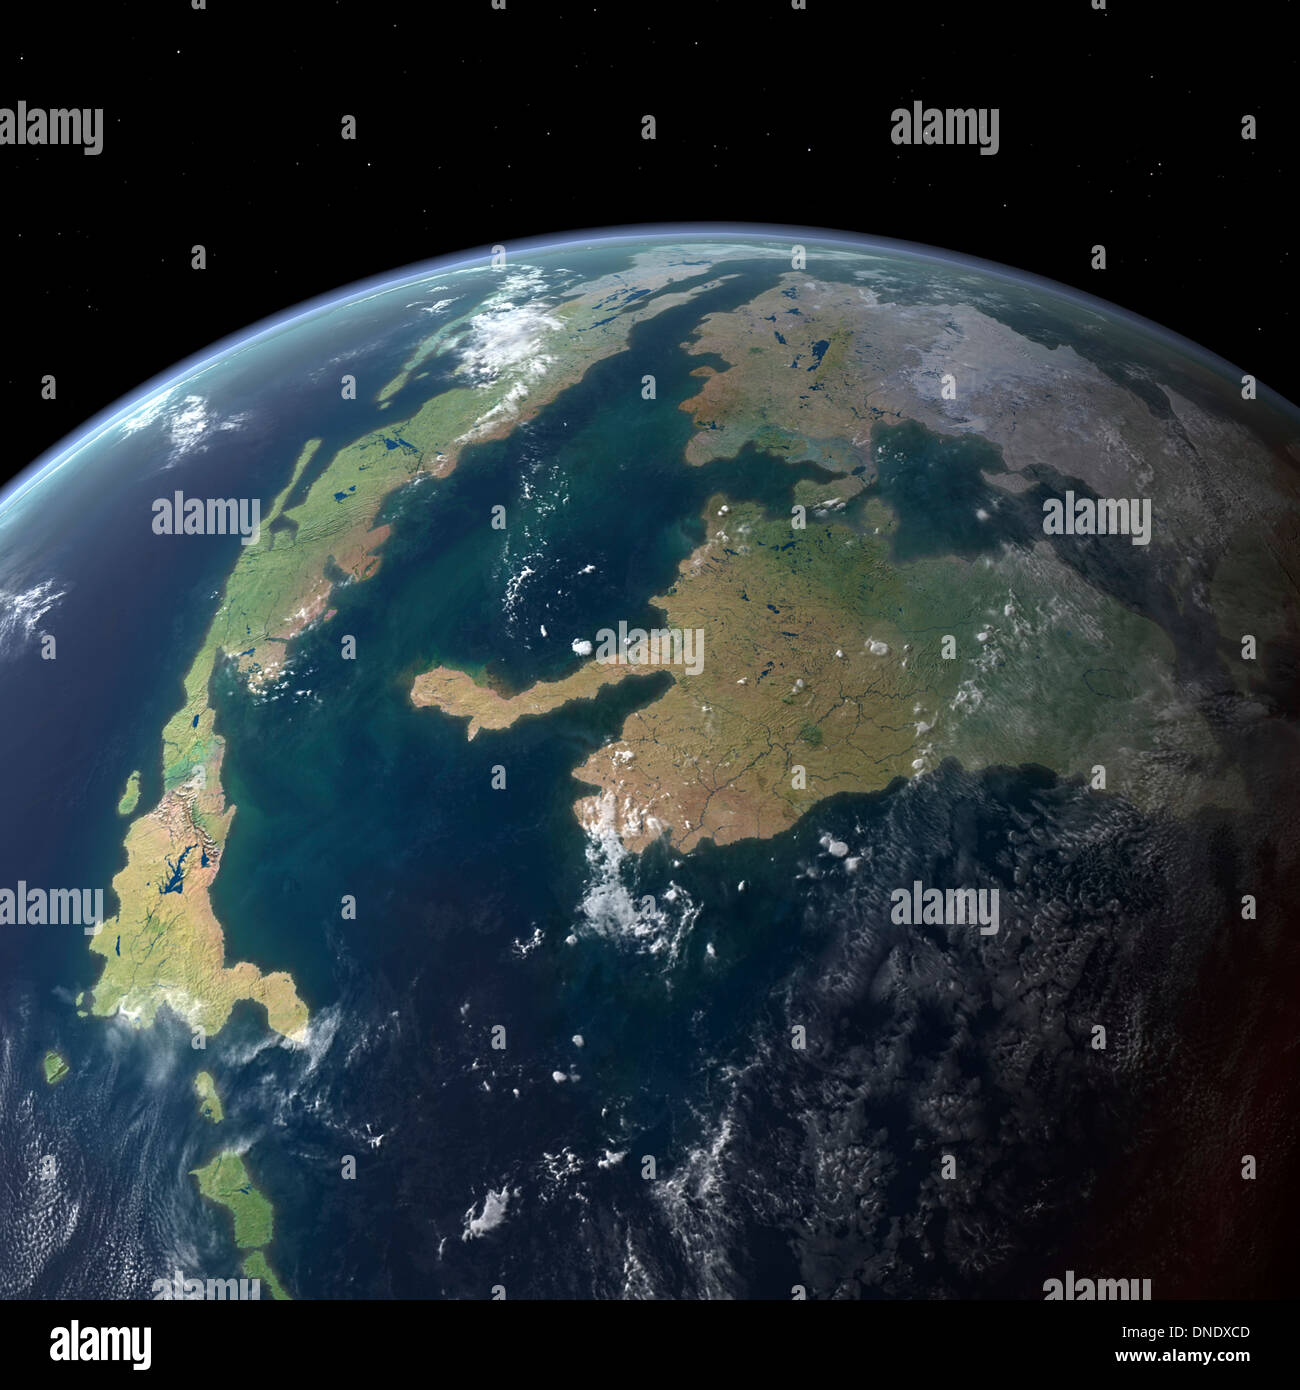 Der Western Interior Seaway aus einer Erdumlaufbahn vor 75 Millionen Jahren gesehen. Stockbild